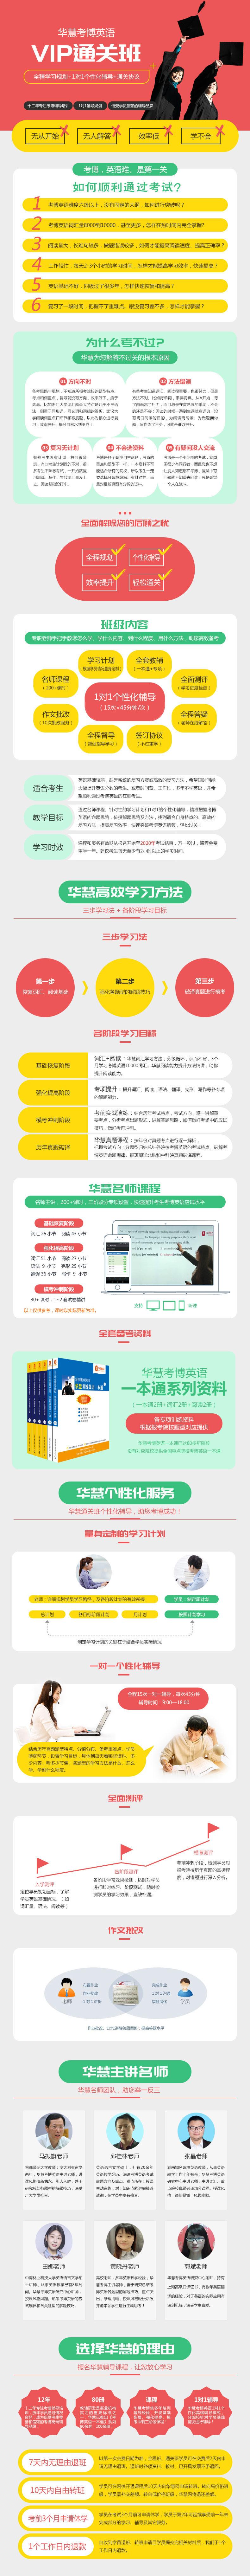 北京师范大学考博英语培训